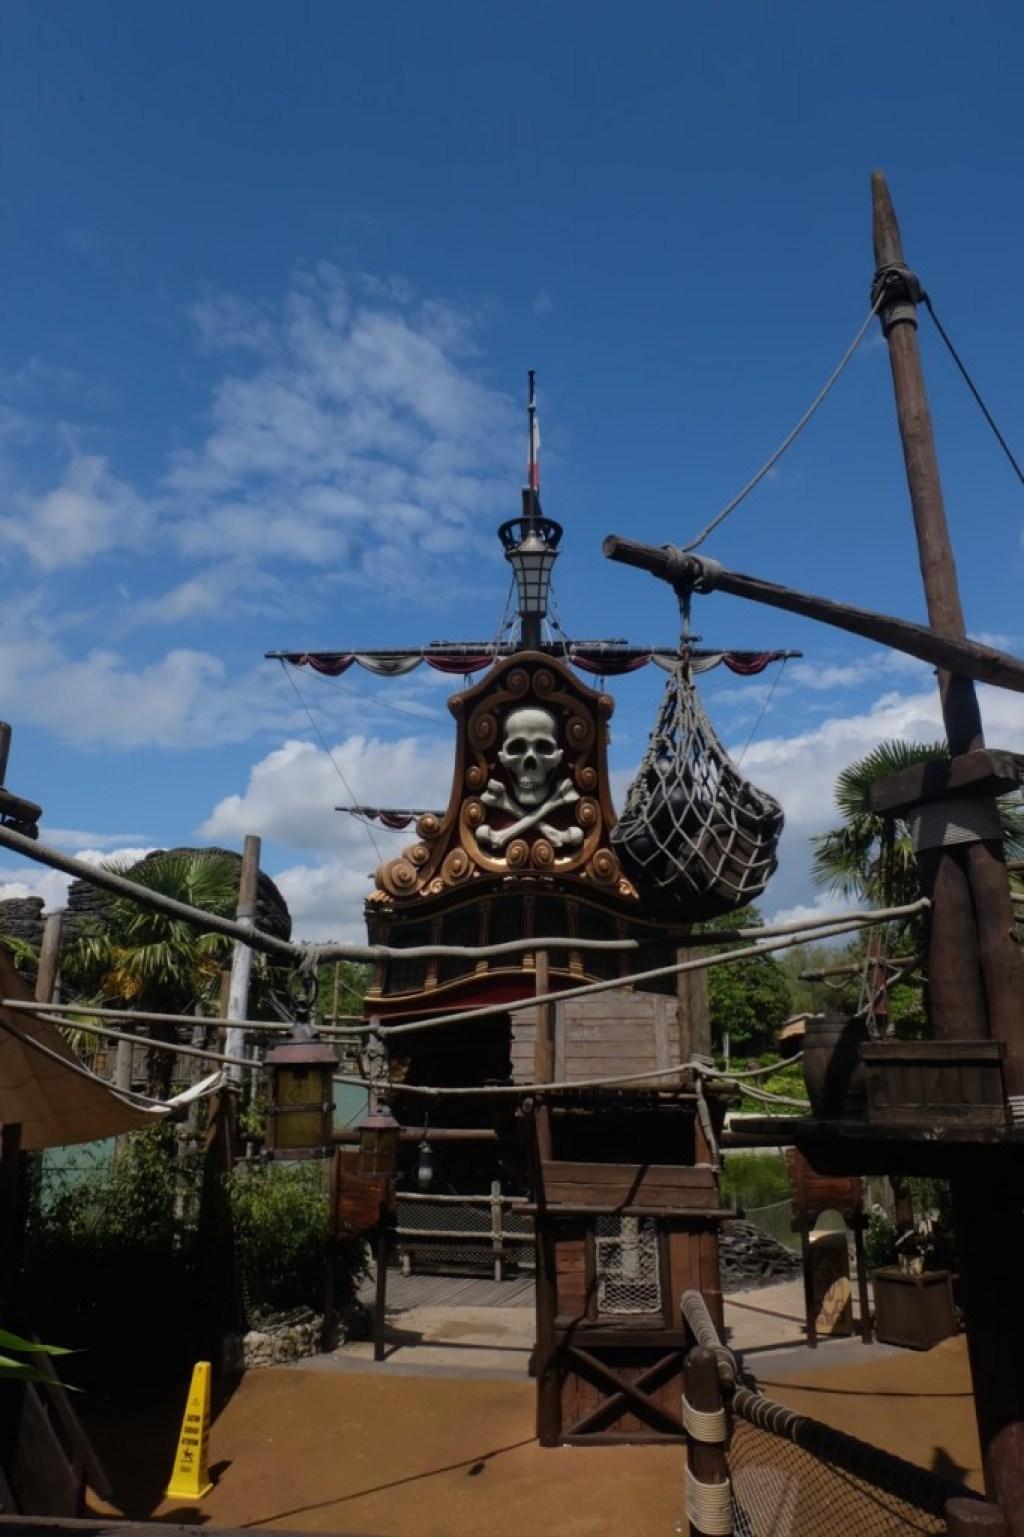 Emma Inks Disneyland Theme Park Paris France Pirate Ship